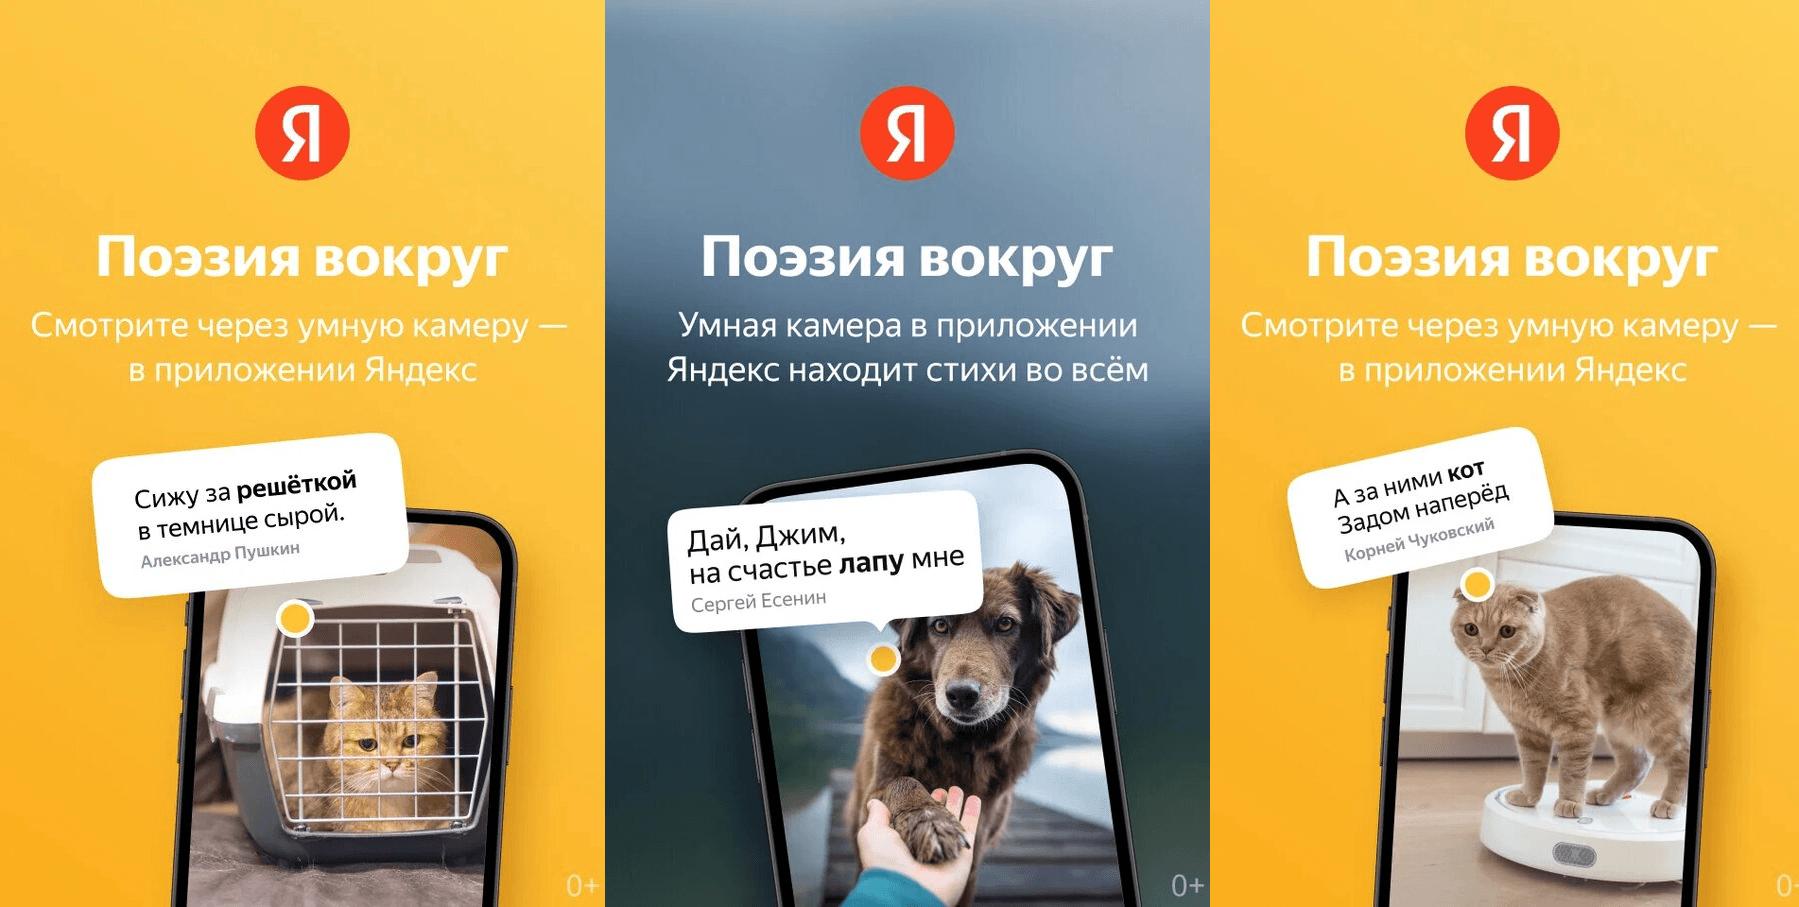 Приложение камеры Яндекса научилось накладывать стихи на окружающие предметы